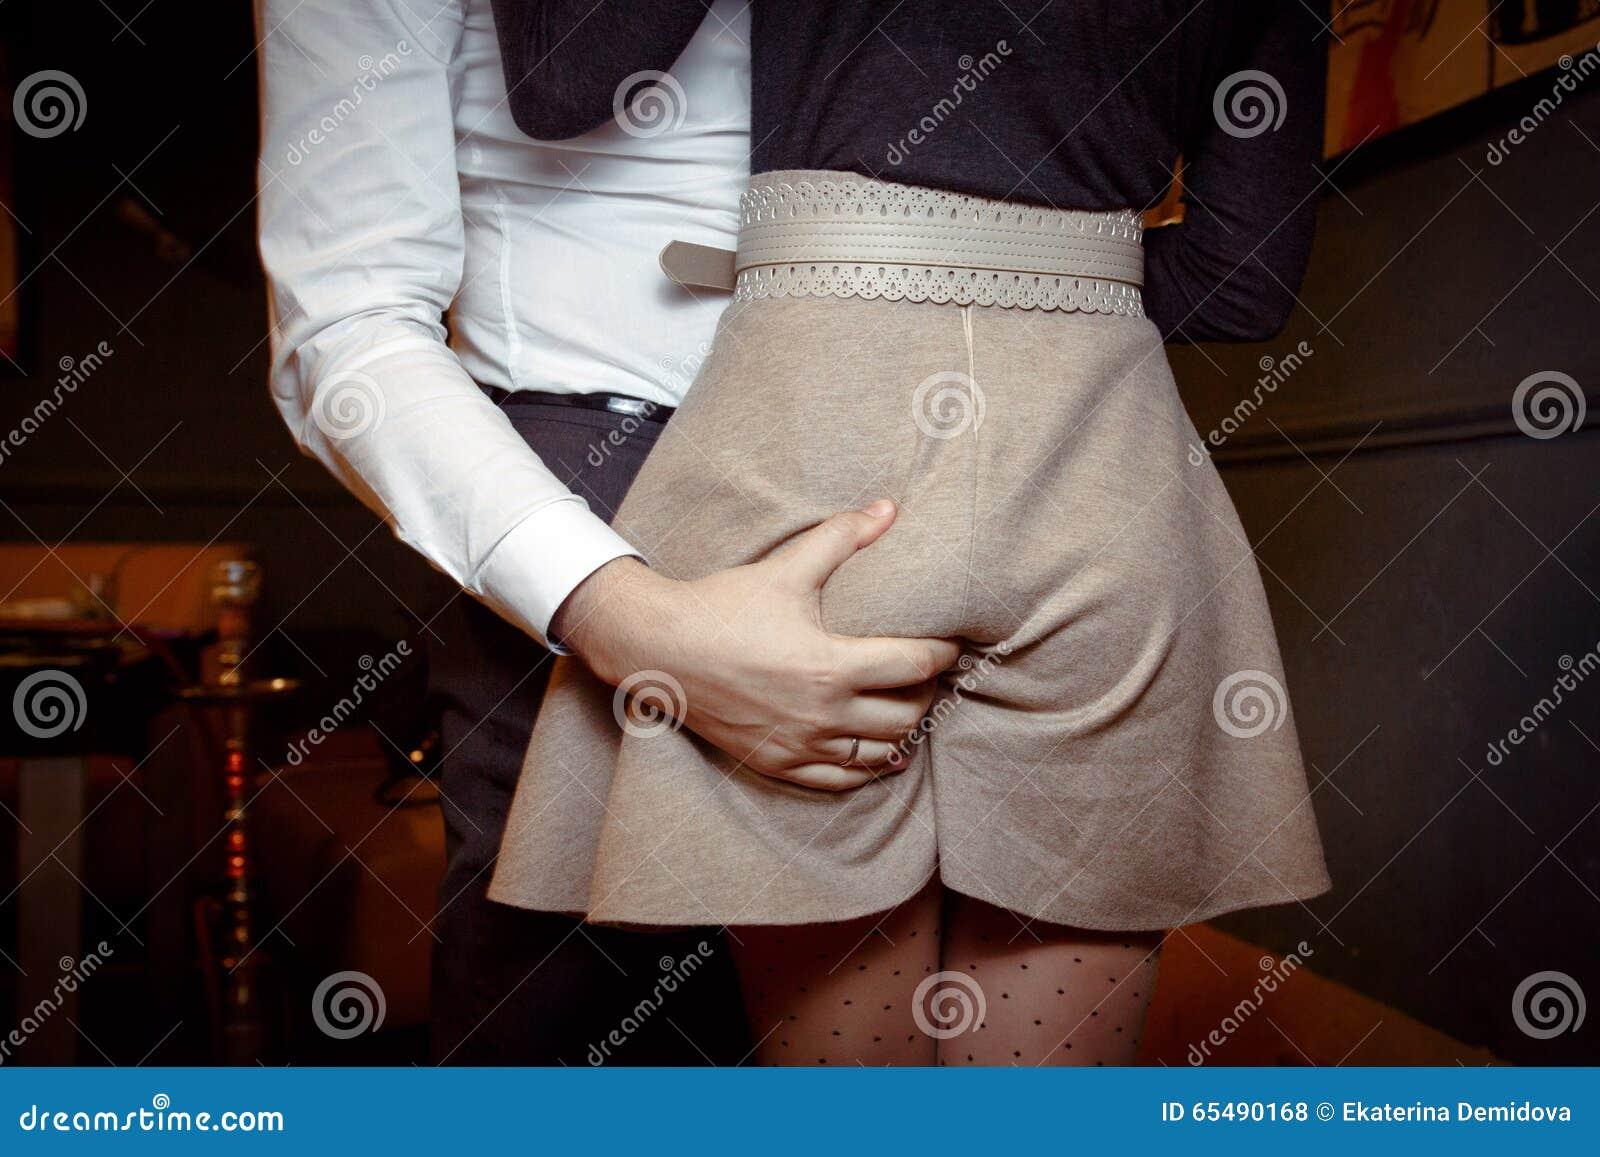 засунул руку под юбку видео остальное вопросы связанны